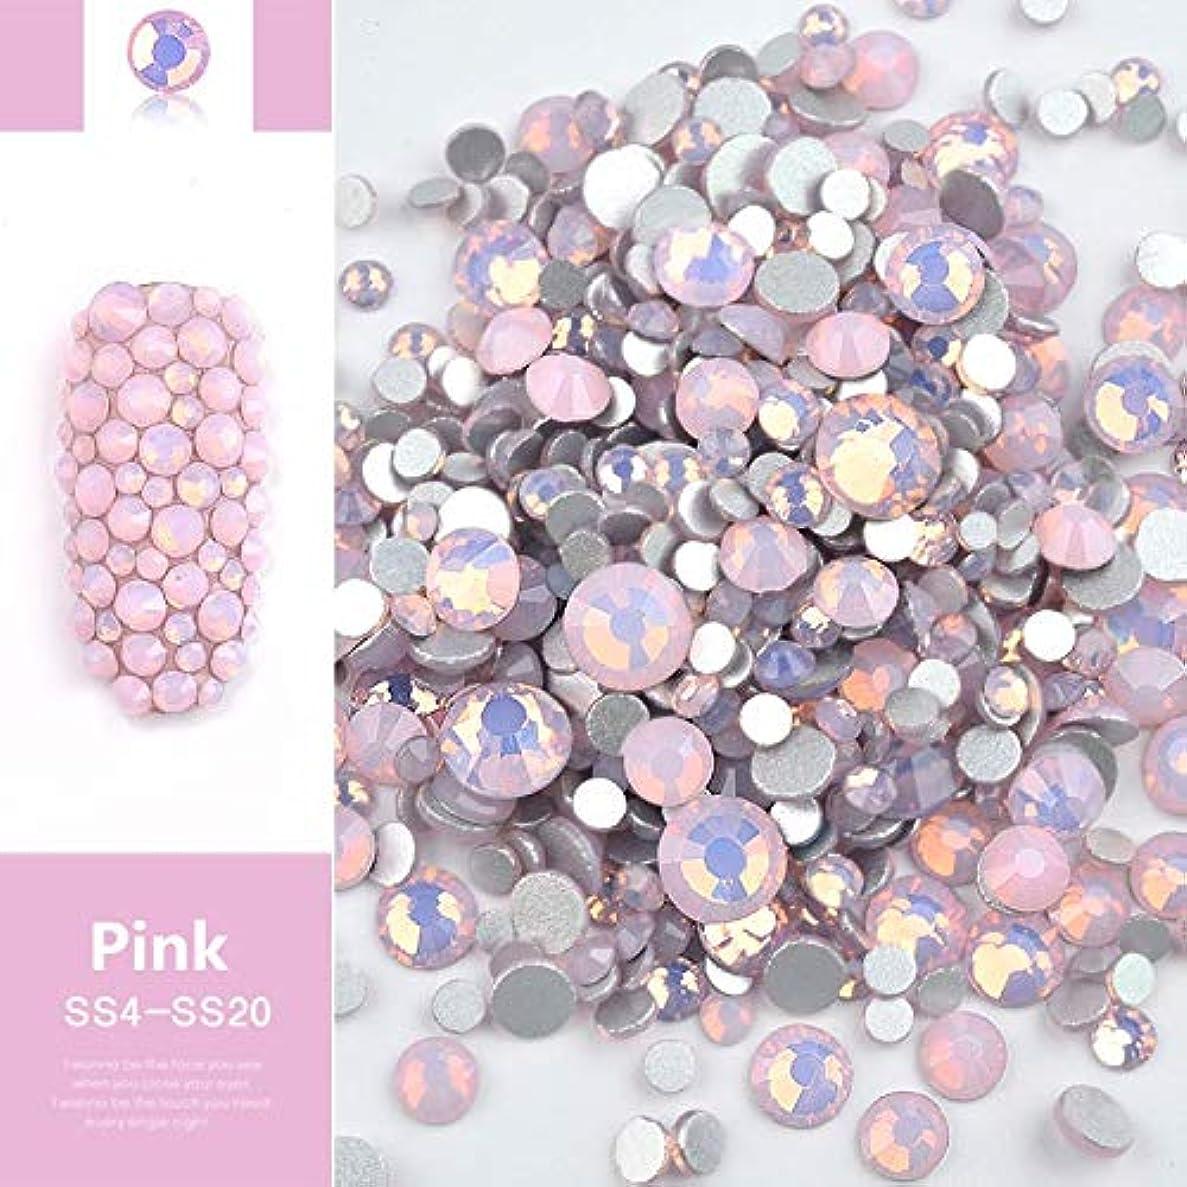 天井フィヨルド召喚するKerwinner ビーズ樹脂クリスタルラウンドネイルアートミックスフラットバックアクリルラインストーンミックスサイズ1.5-4.5 mm装飾用ネイル (Color : Pink)